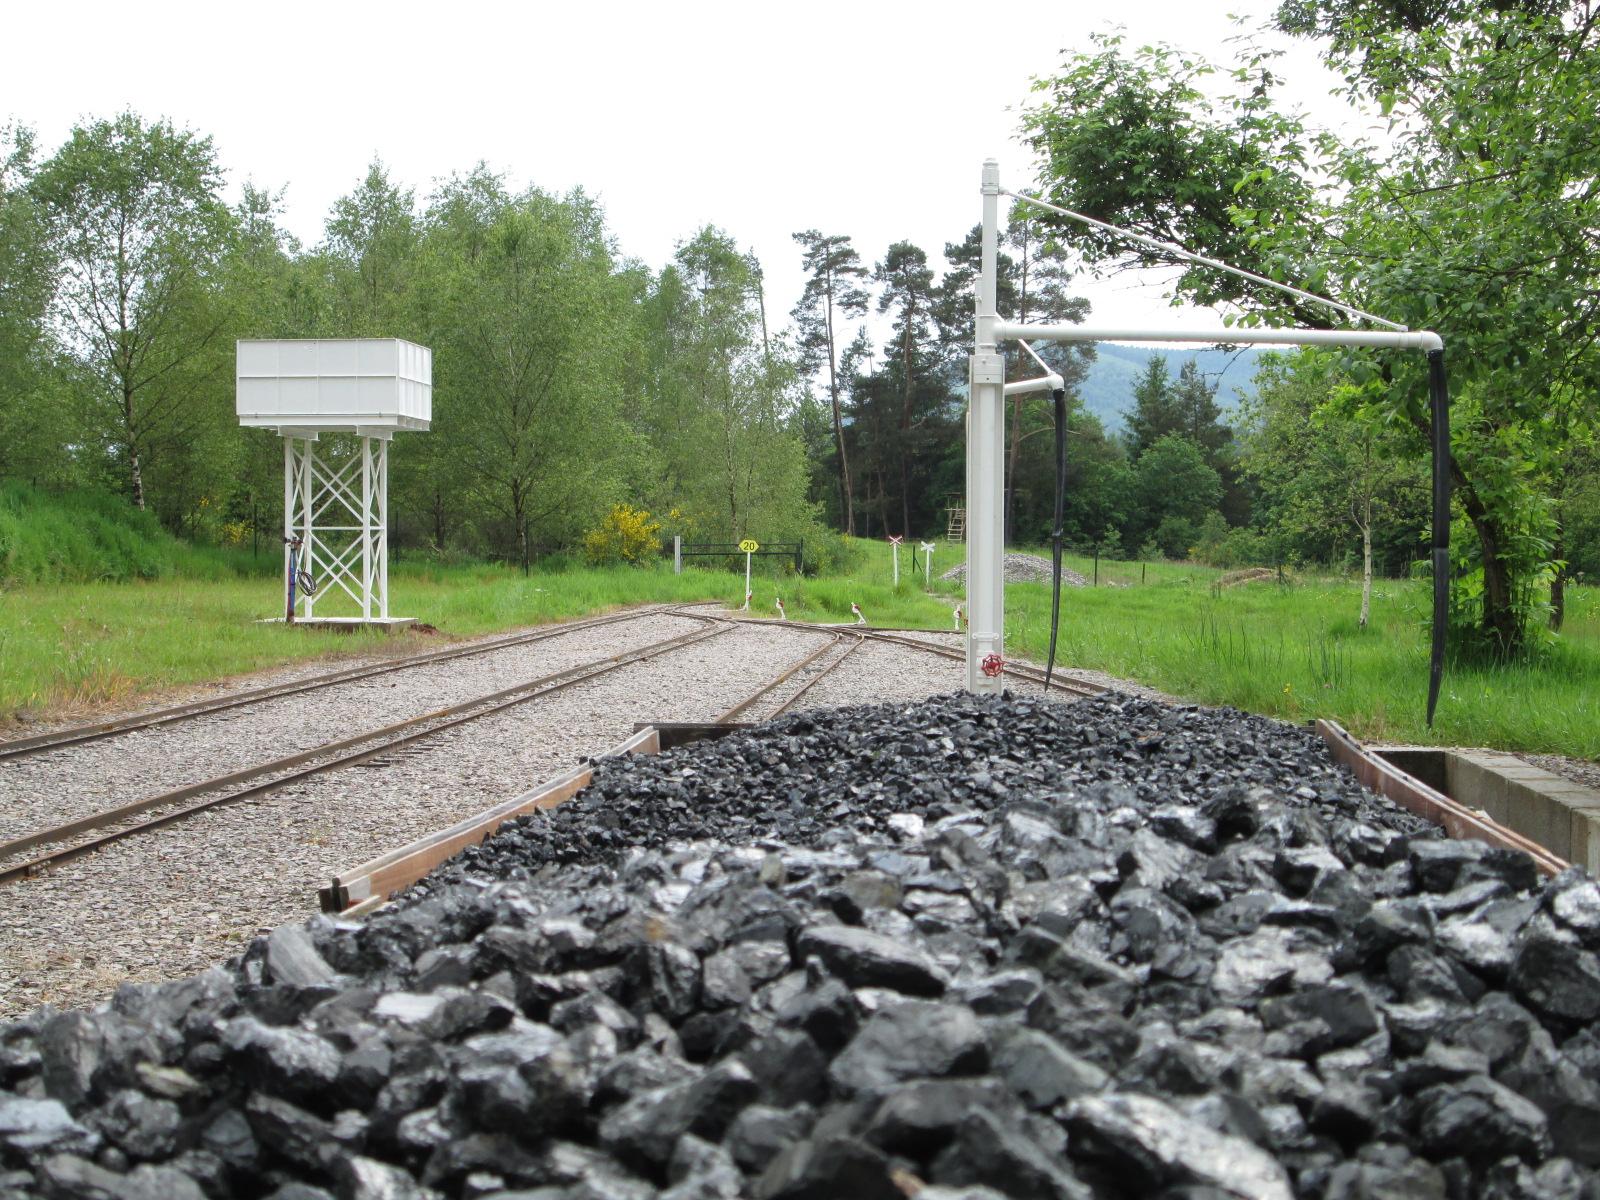 vue du quai à charbon